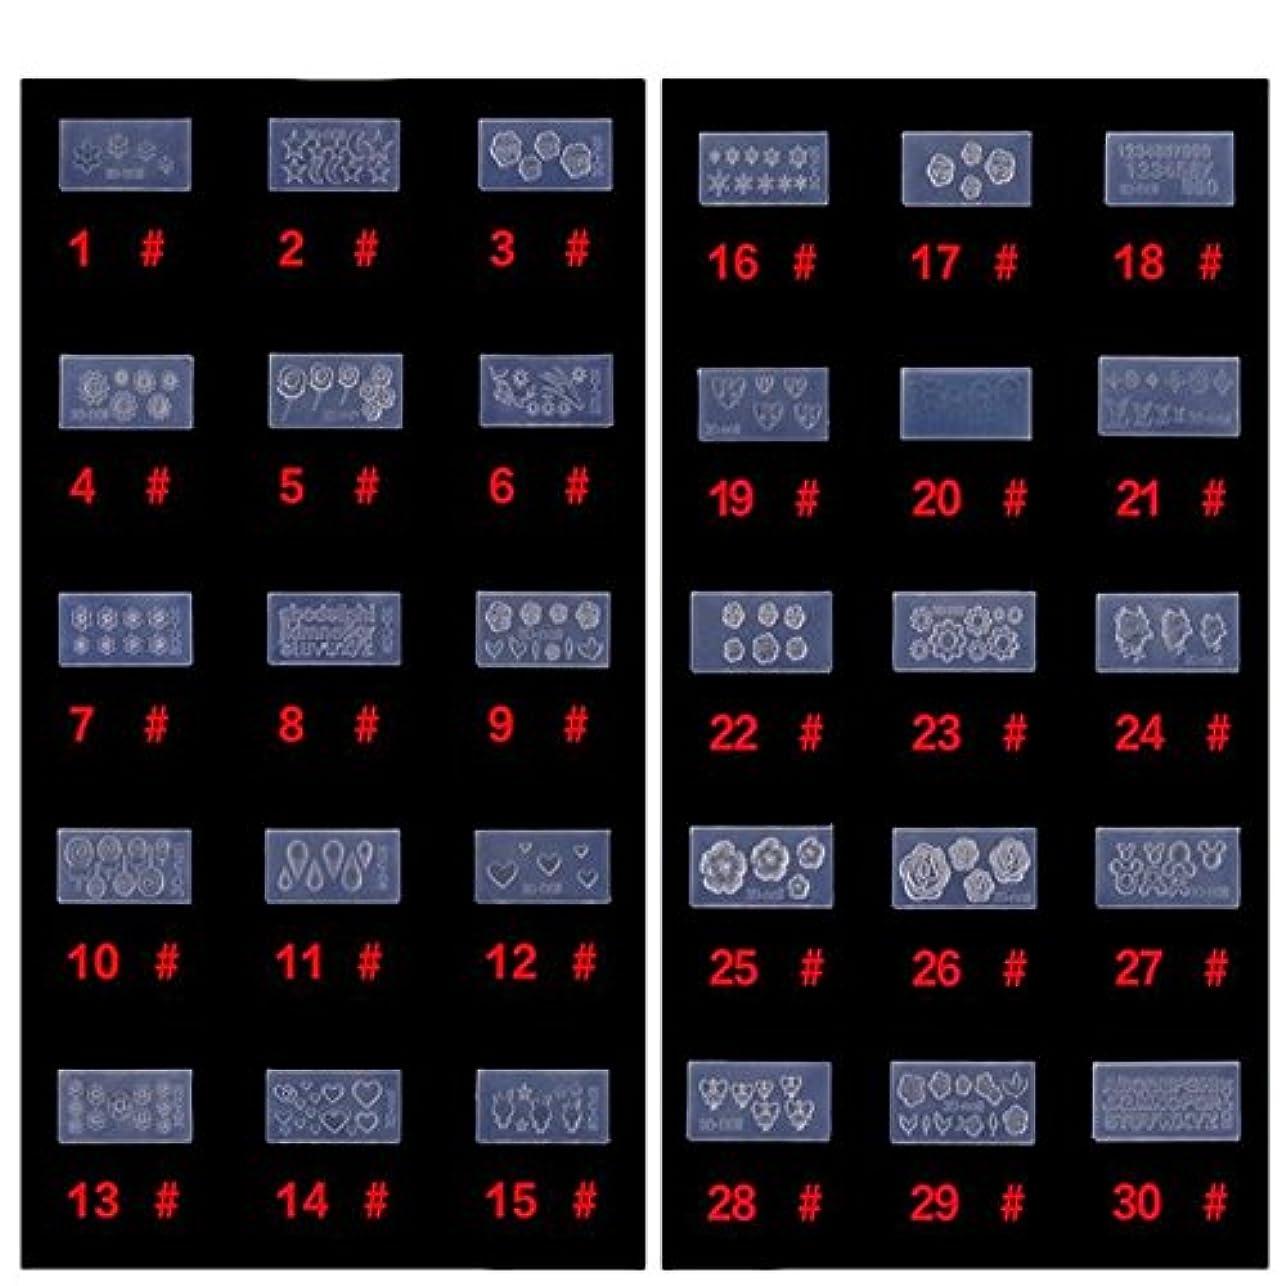 ぞっとするような致命的ブランクシリコン モールド 3D ネイル用 アートデコ まとめて30個 ランダムセット レジン 道具 型 型どり